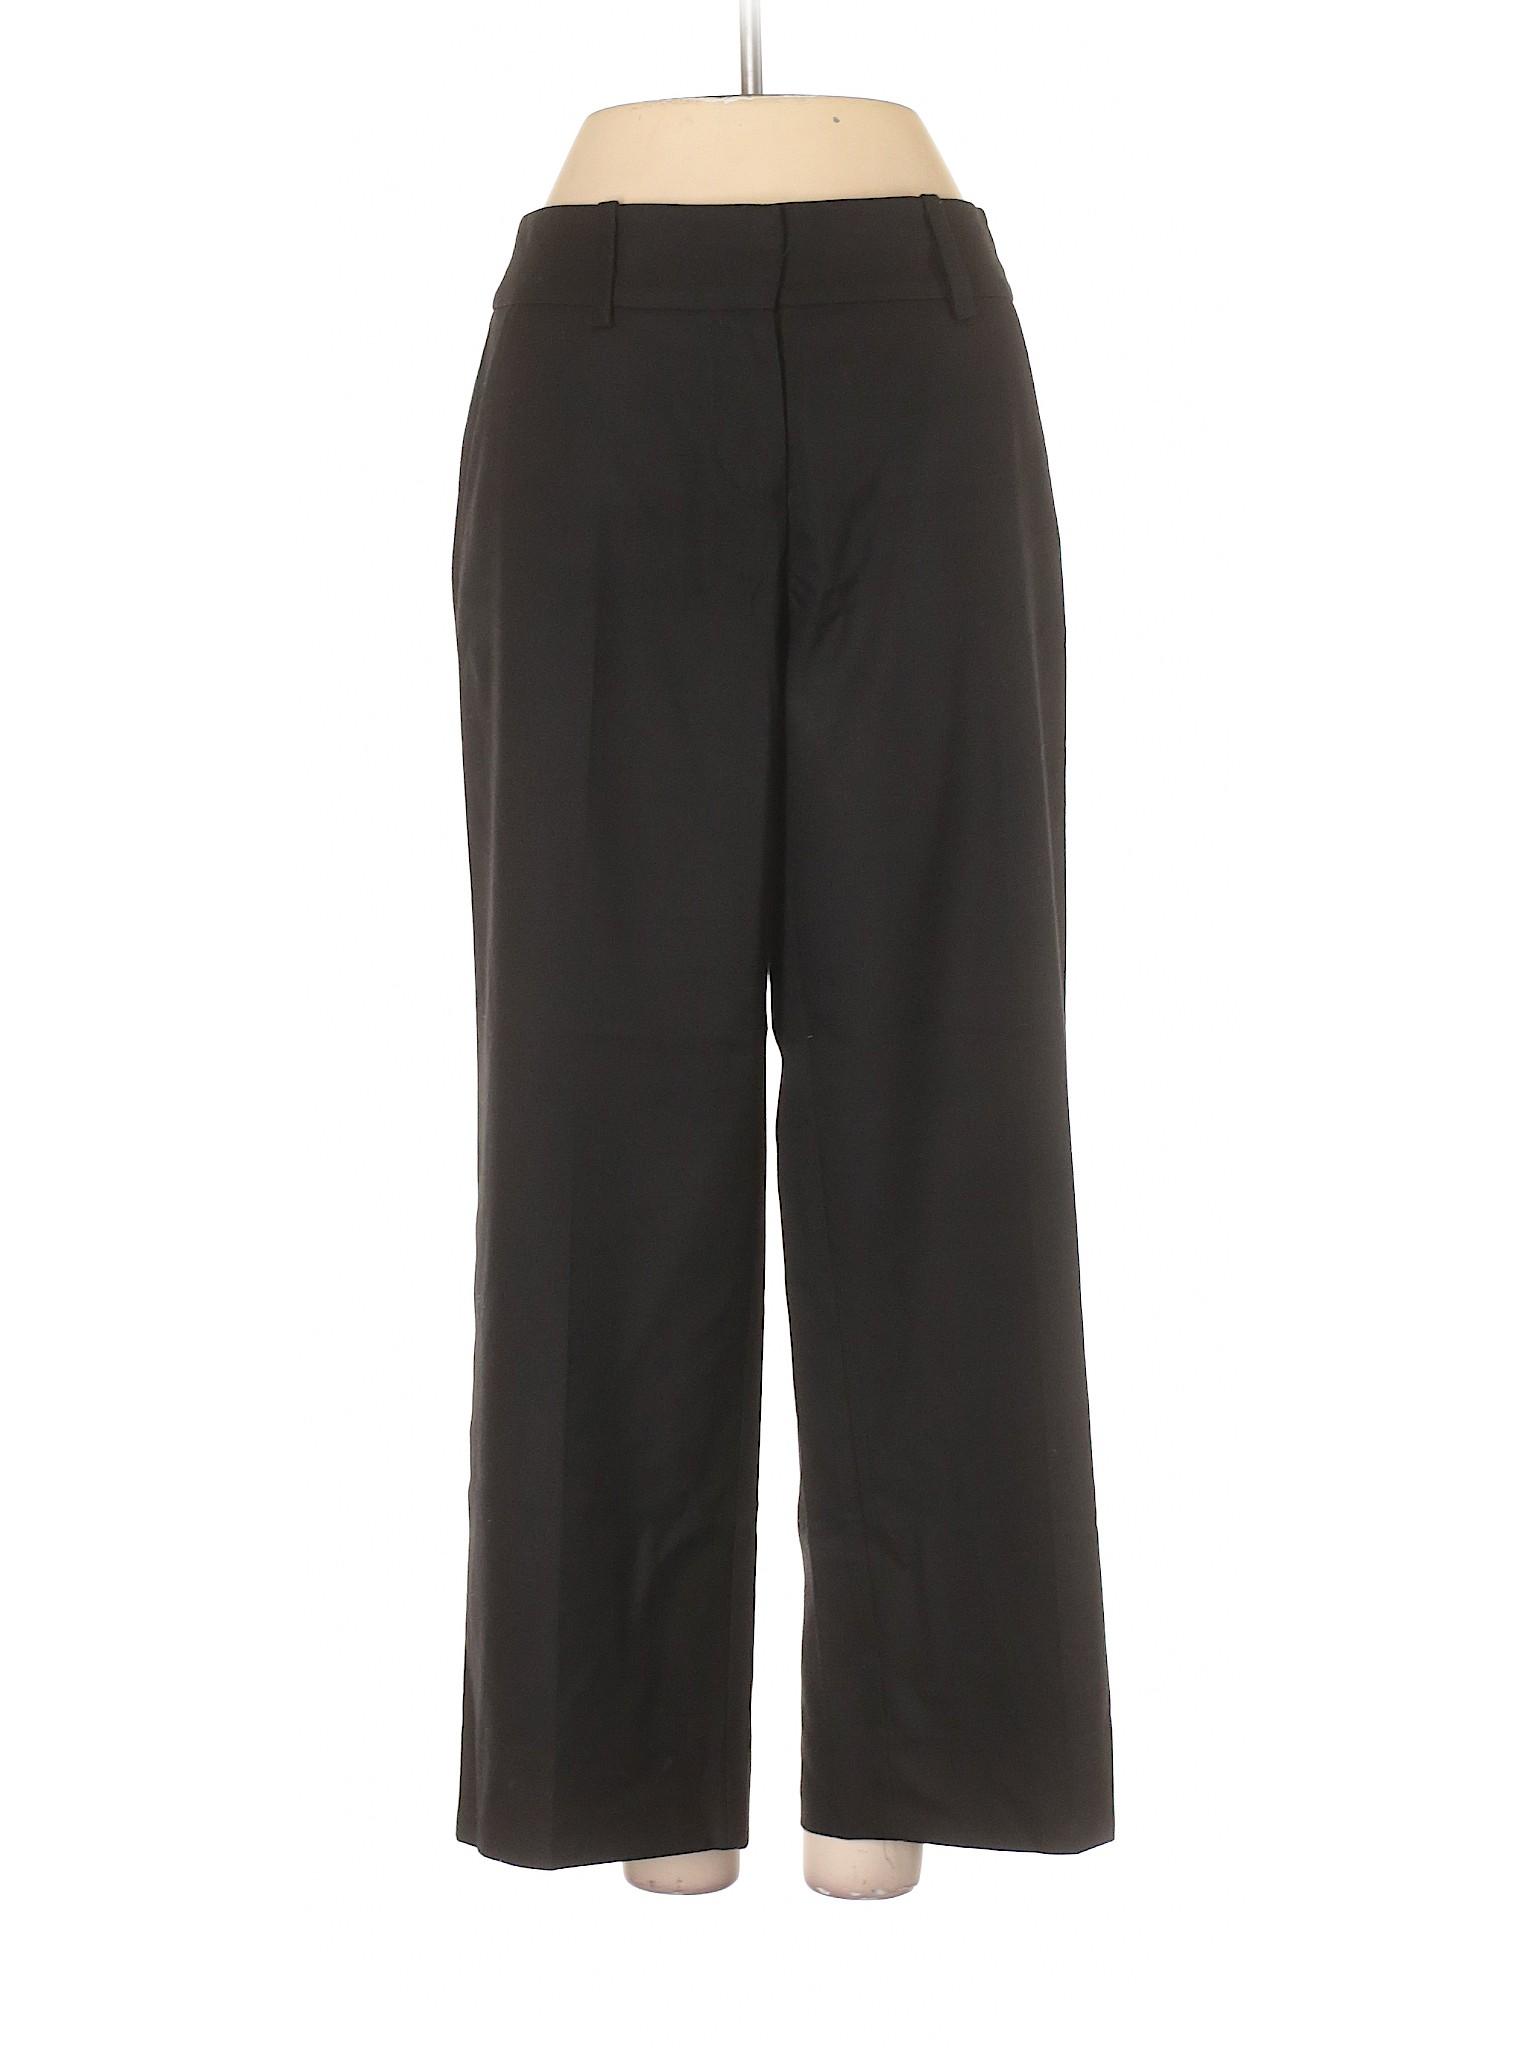 Boutique Pants Leisure Dress Turk Trina qYxqOa1